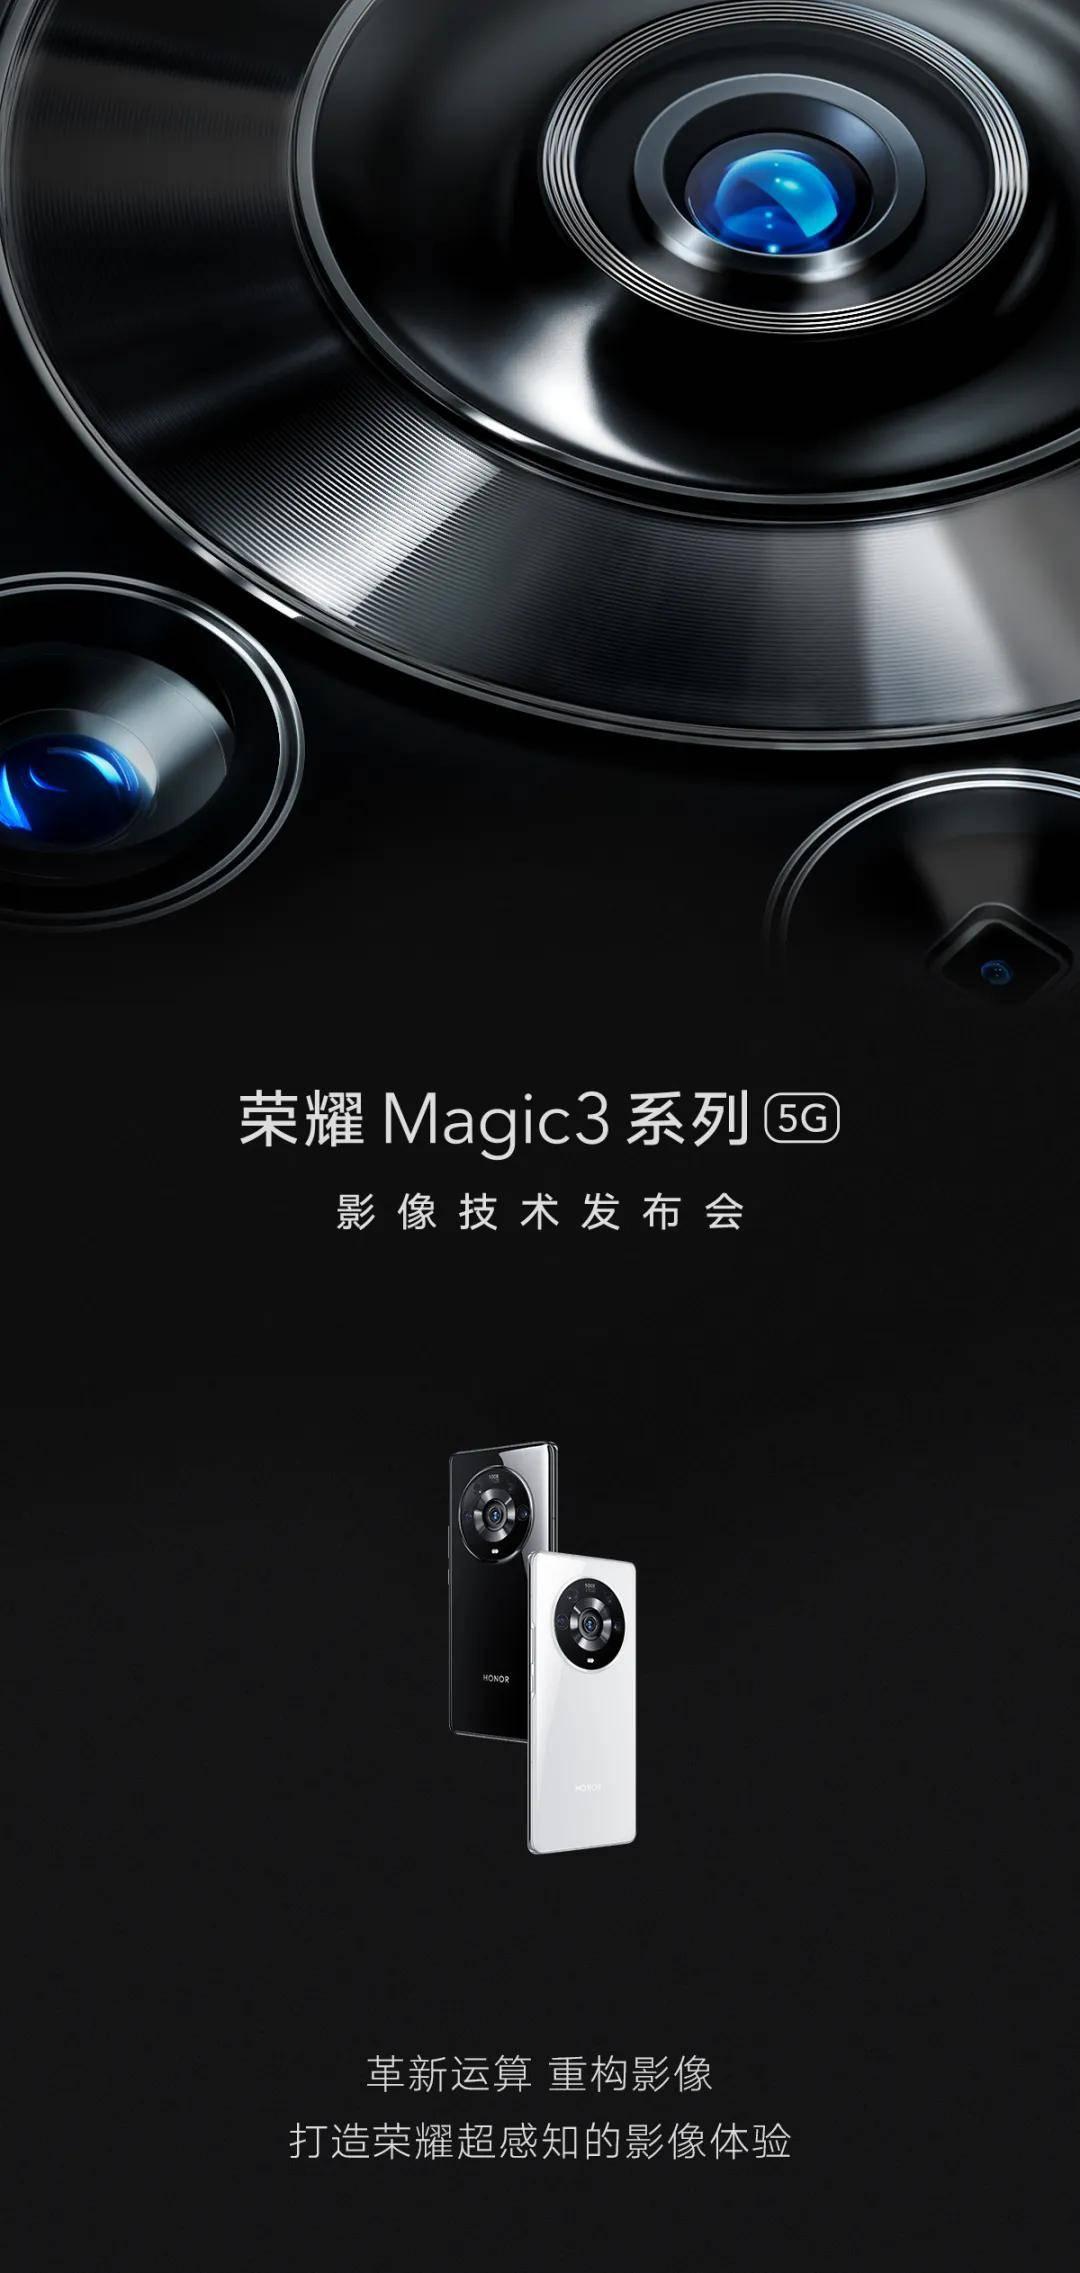 荣耀Magic3系列多主摄融合计算摄影技术,全新发布